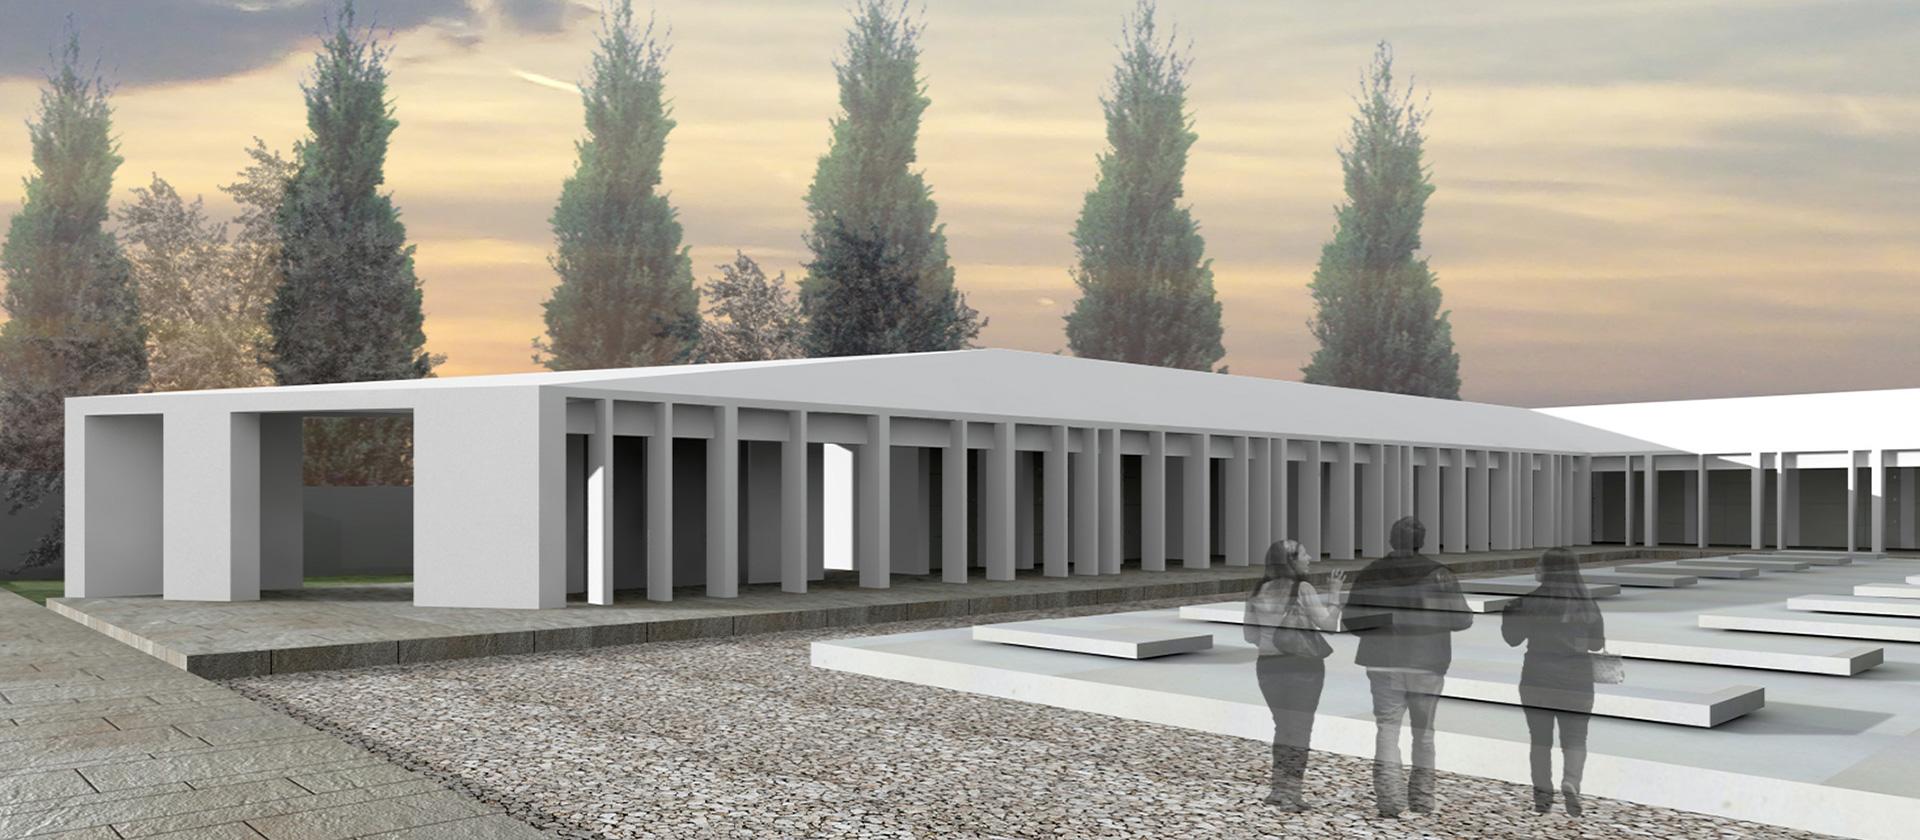 ampliamento-cimitero-san-martino-buon-albergo-2